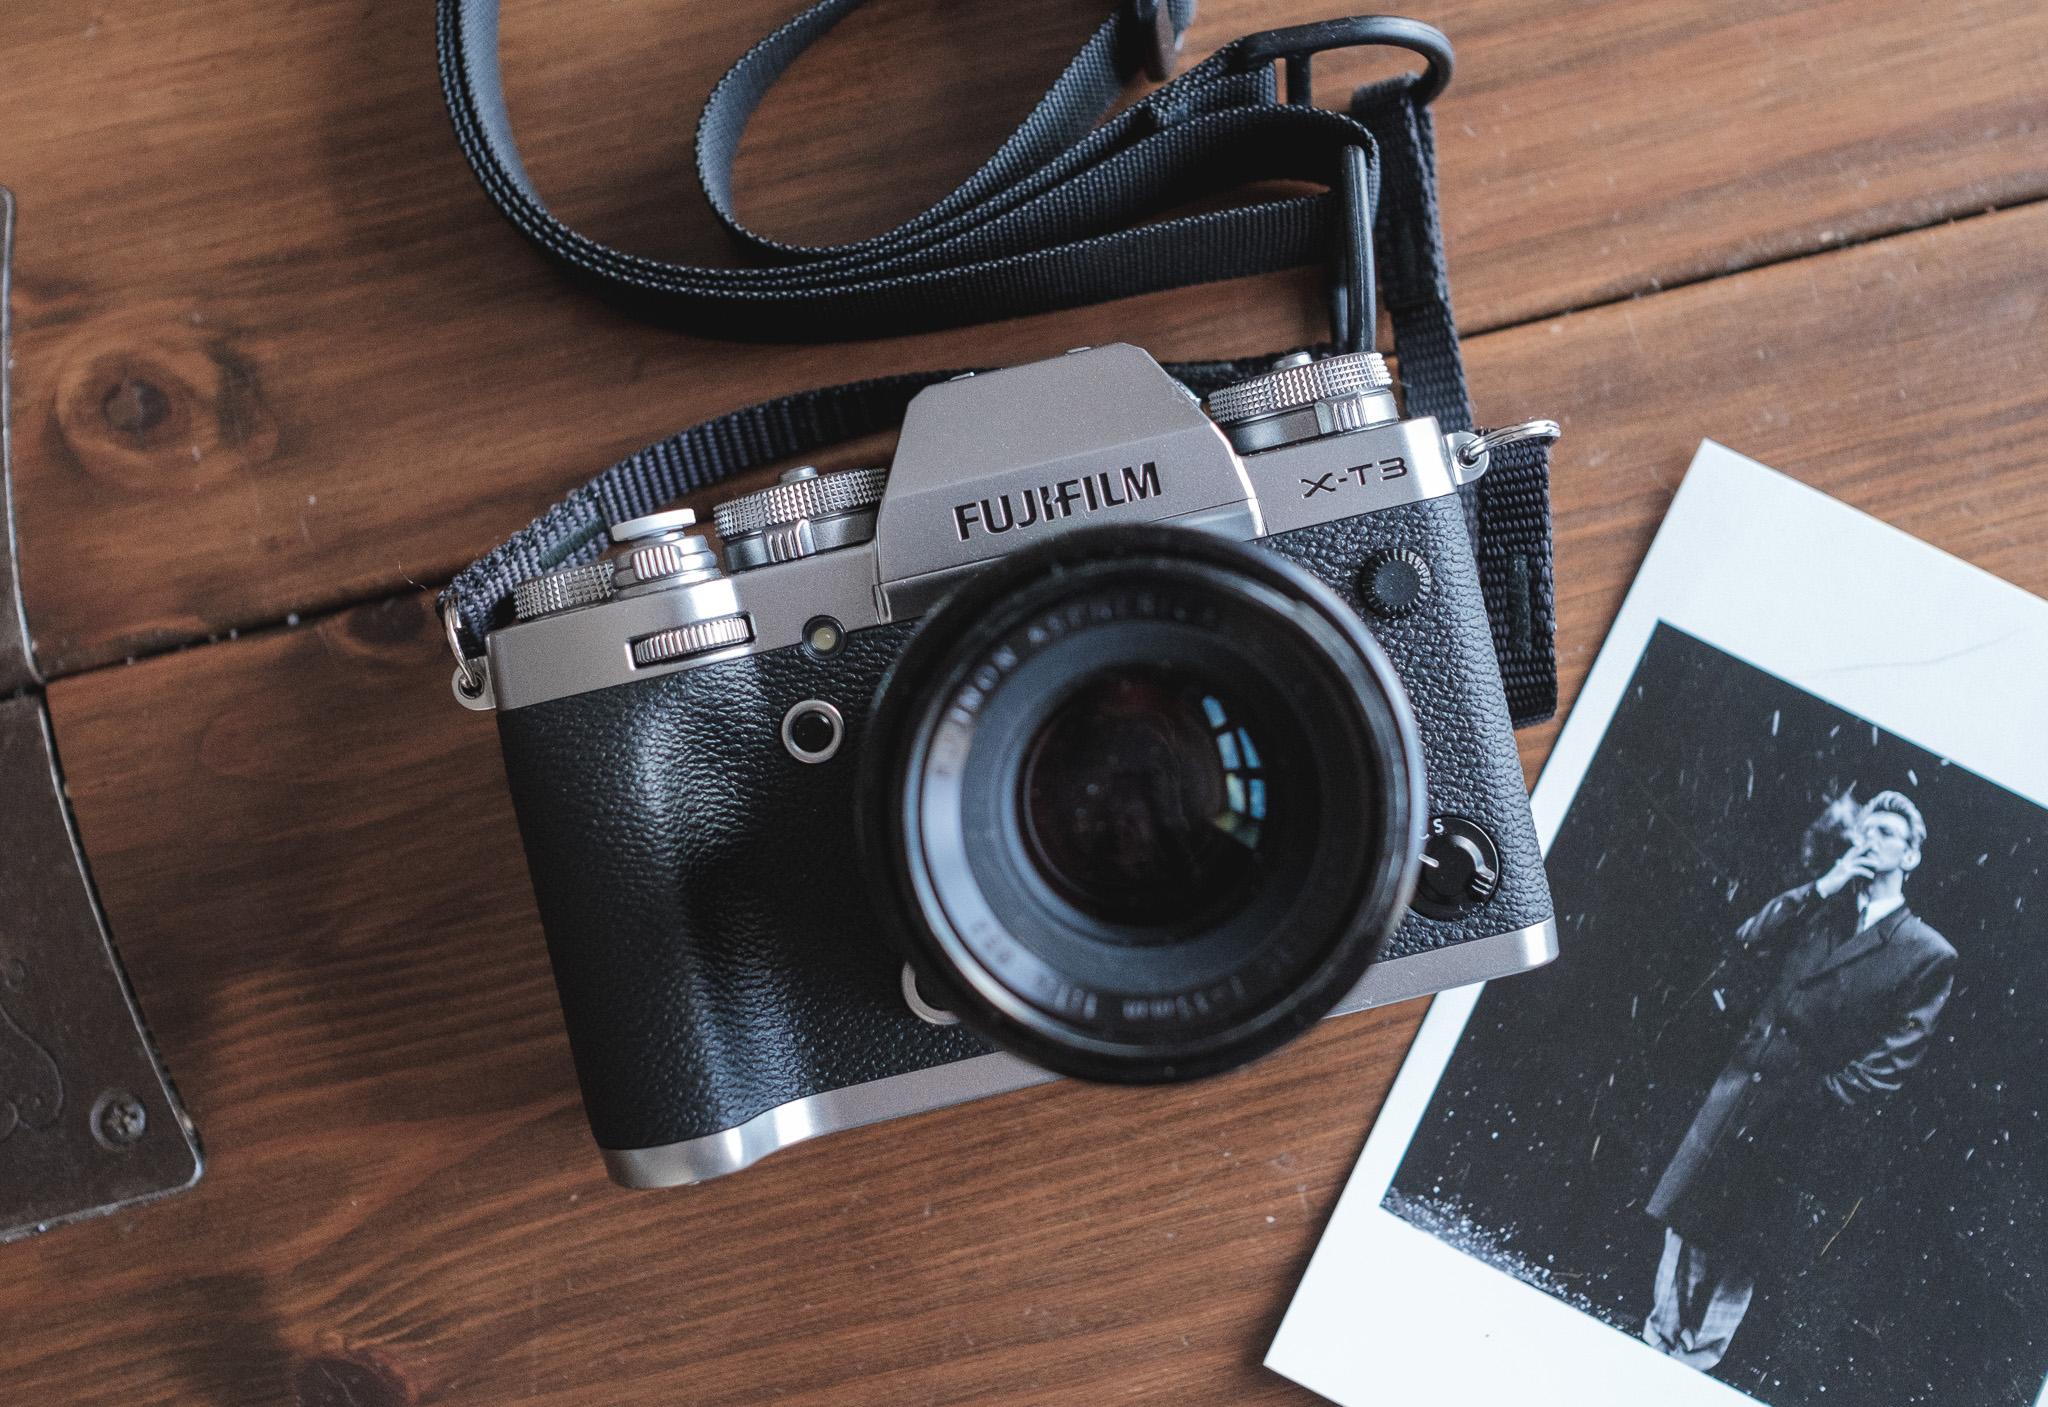 The Fujifilm X-T3 in Silver